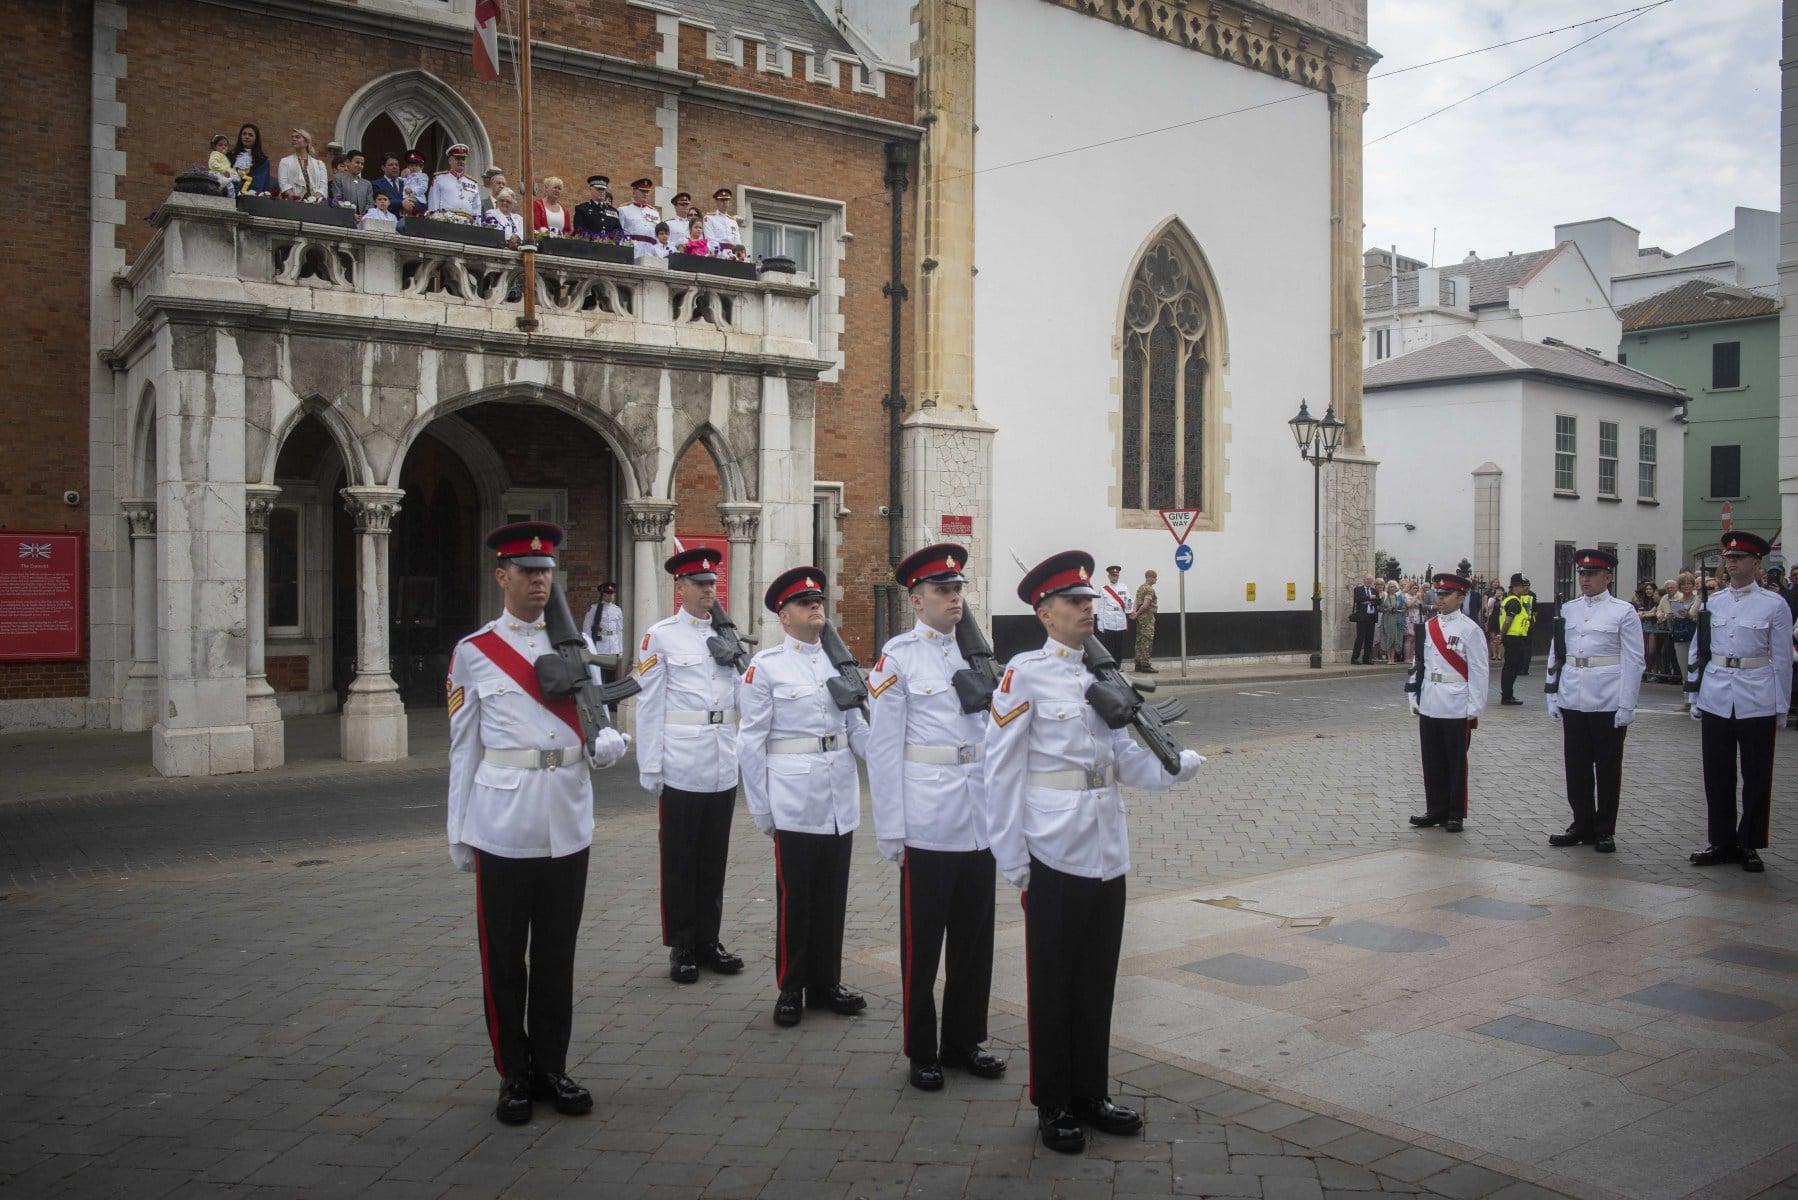 cambio-de-guardia-en-gibraltar-por-boda-real_40402219940_o